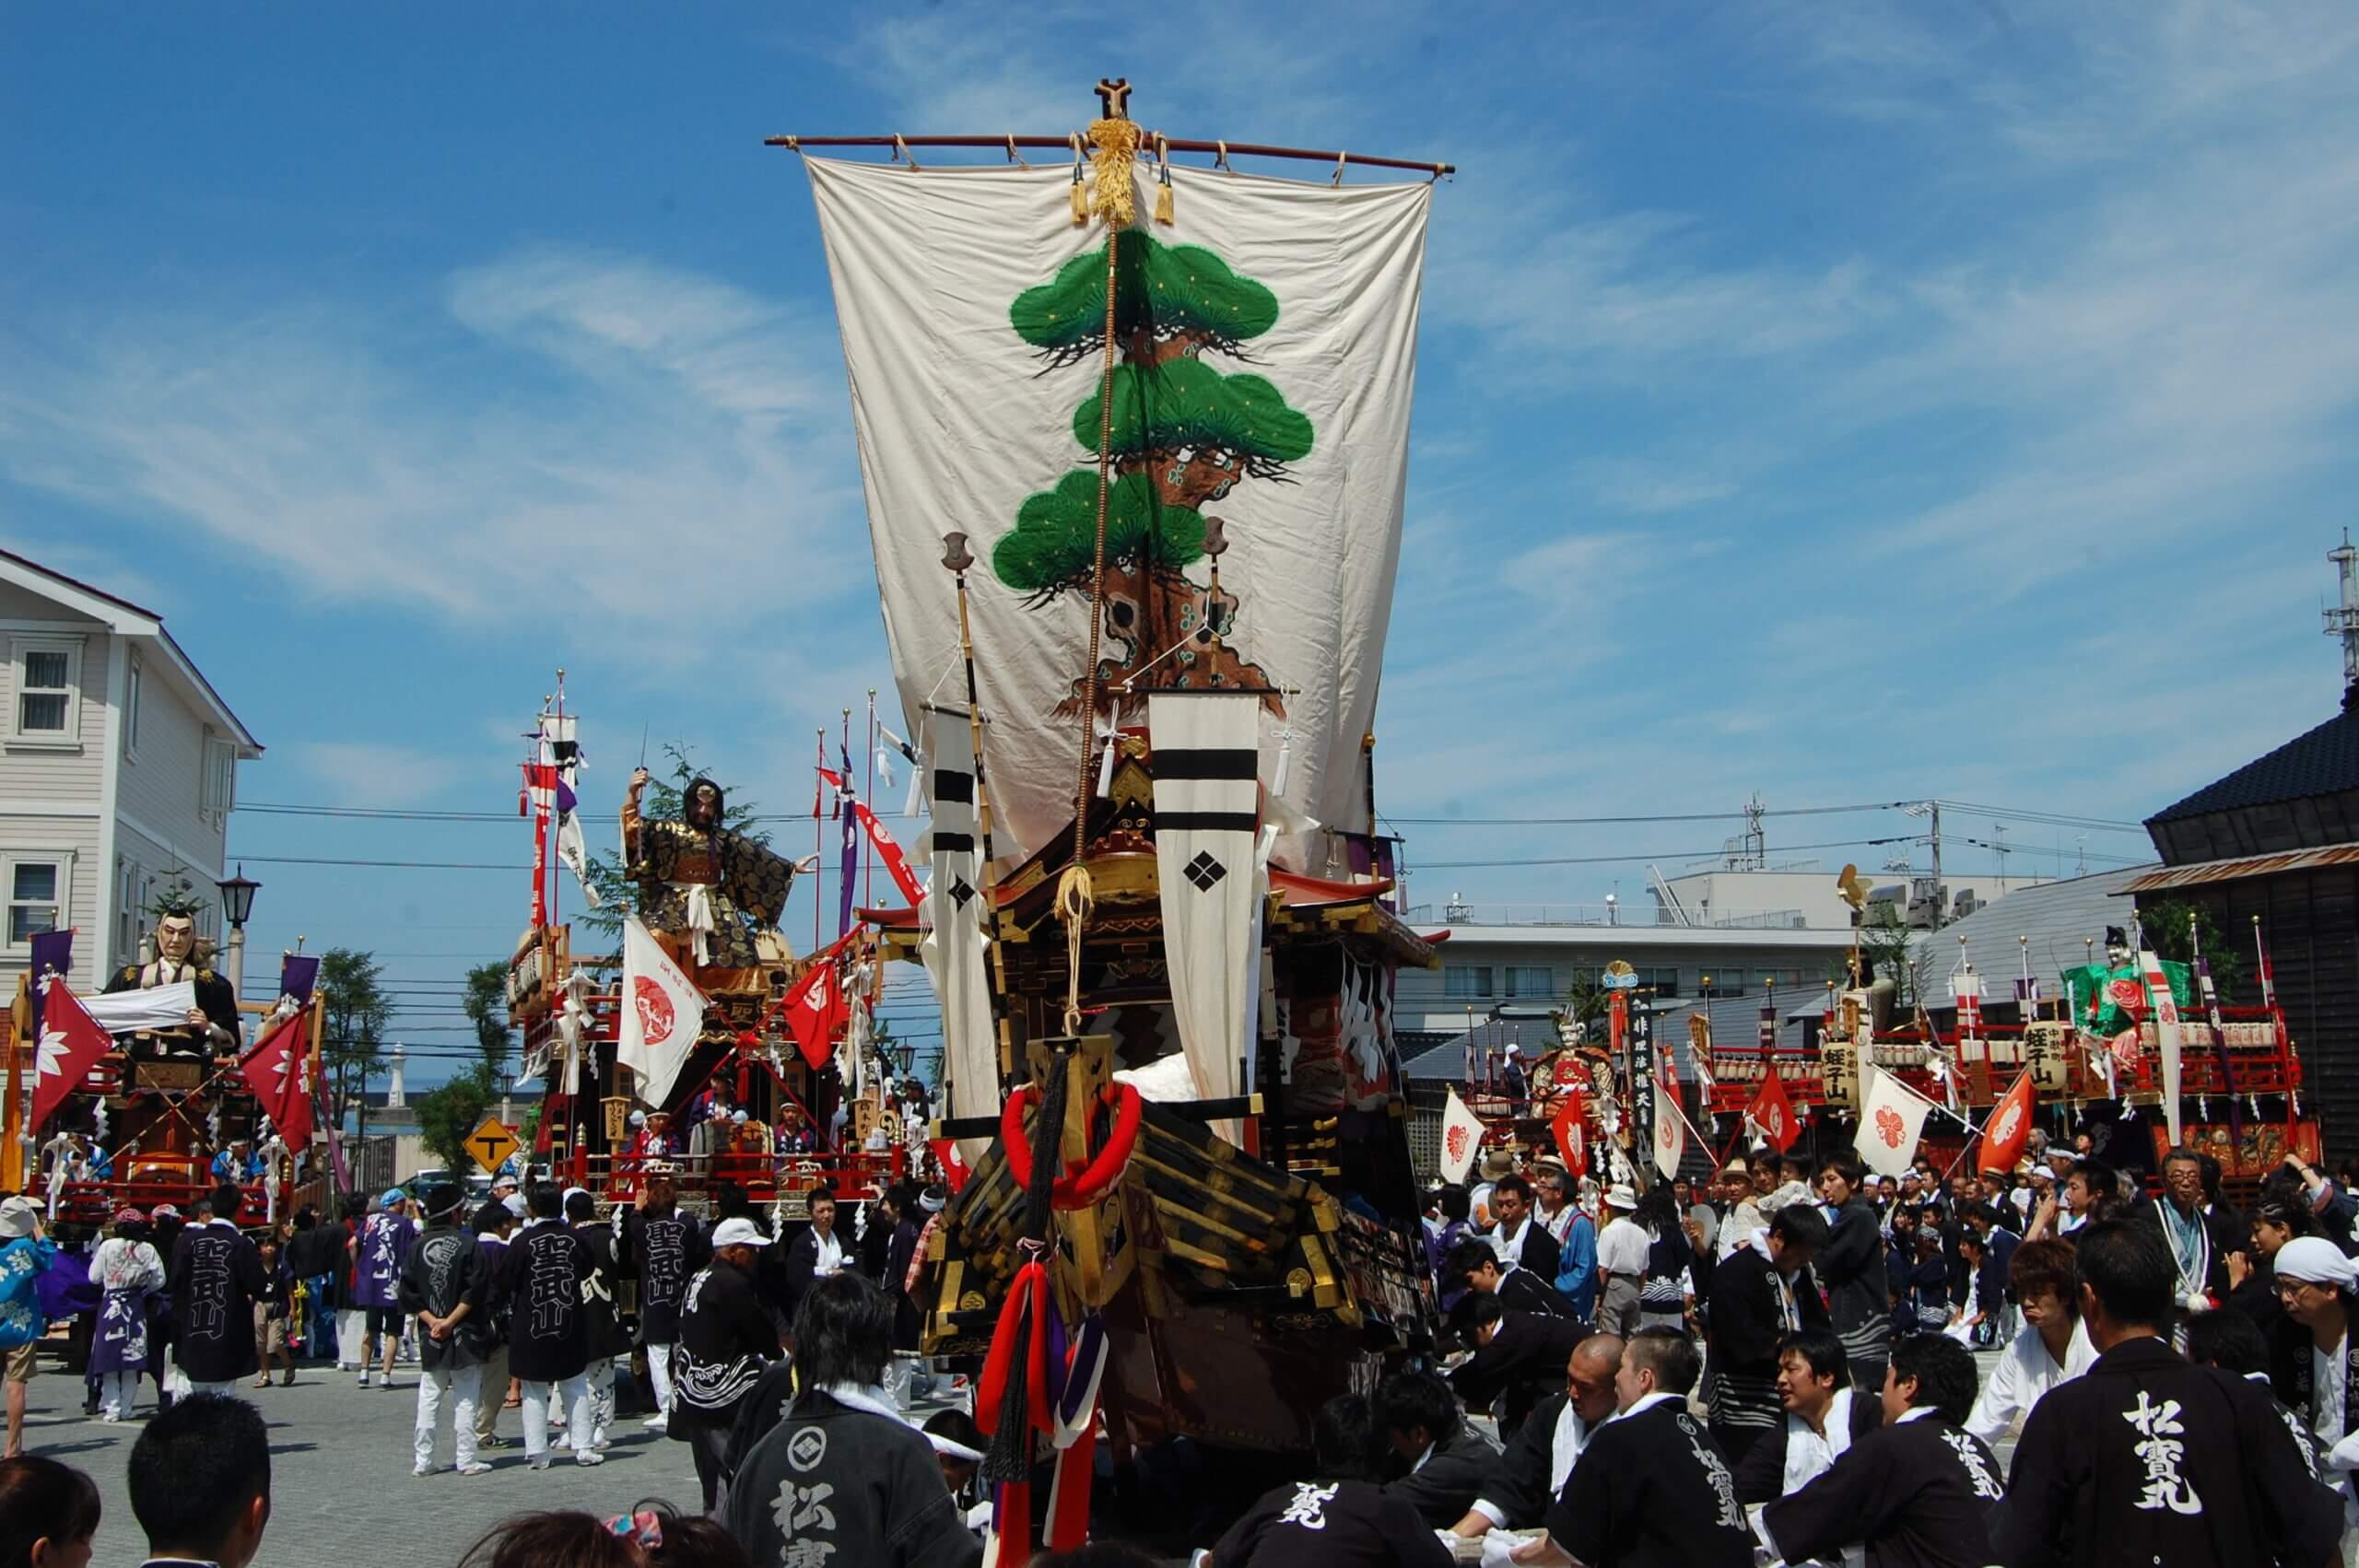 北海道三大祭典之一的「江差・姥神大神宮渡御祭」